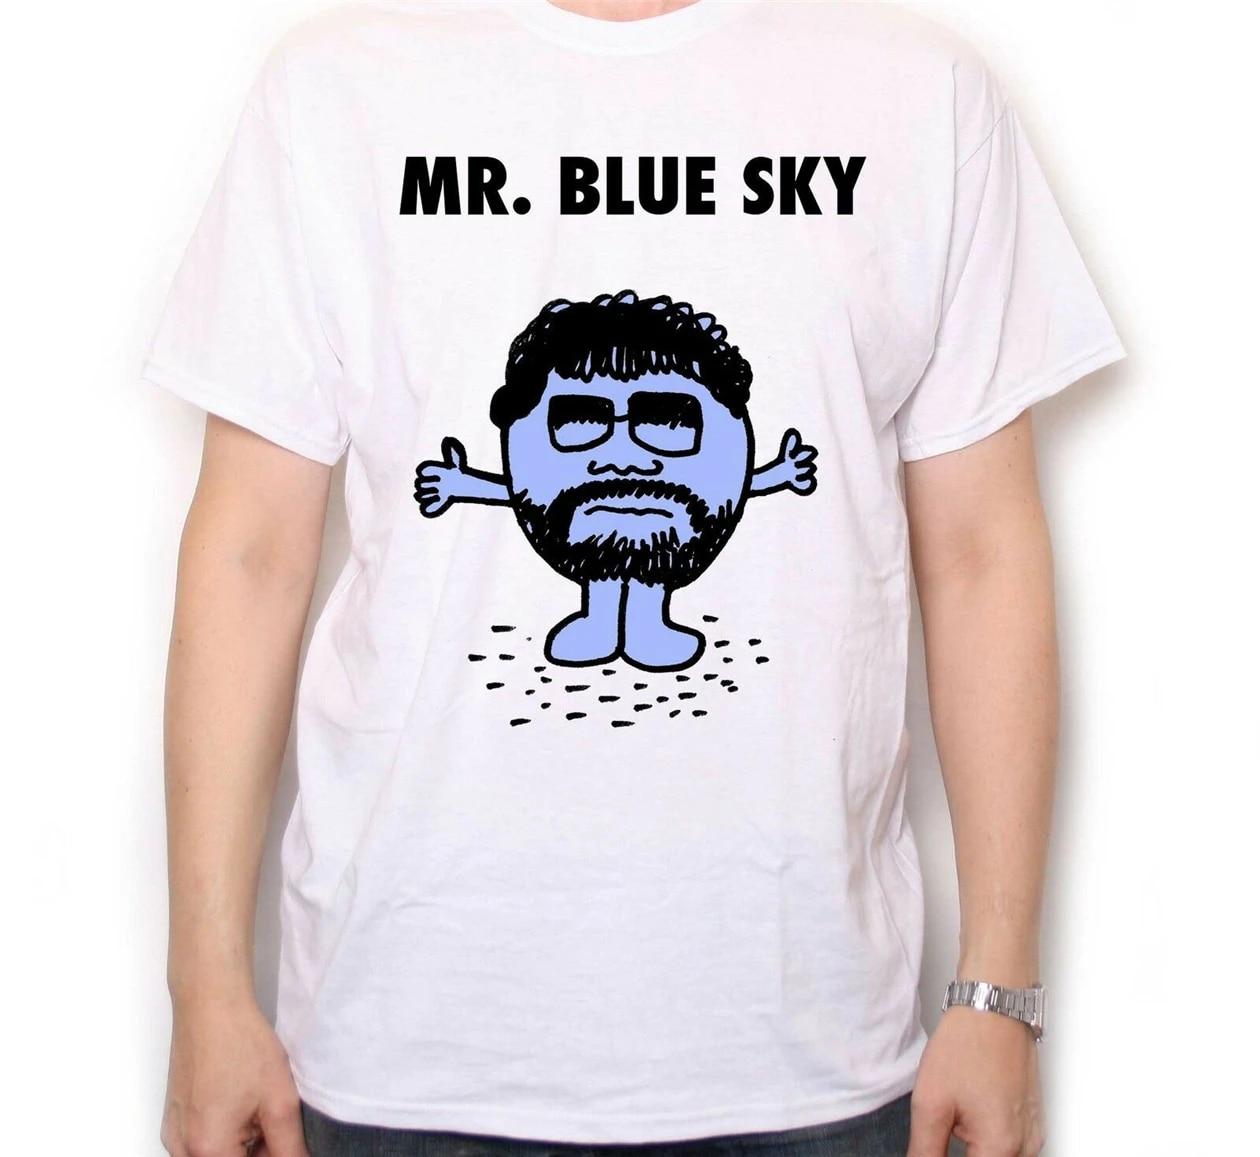 Mr Blue Sky Jumper Jeff Lynne ELO Rock Retro Unisex Men/'s Women Kids Jumper Top